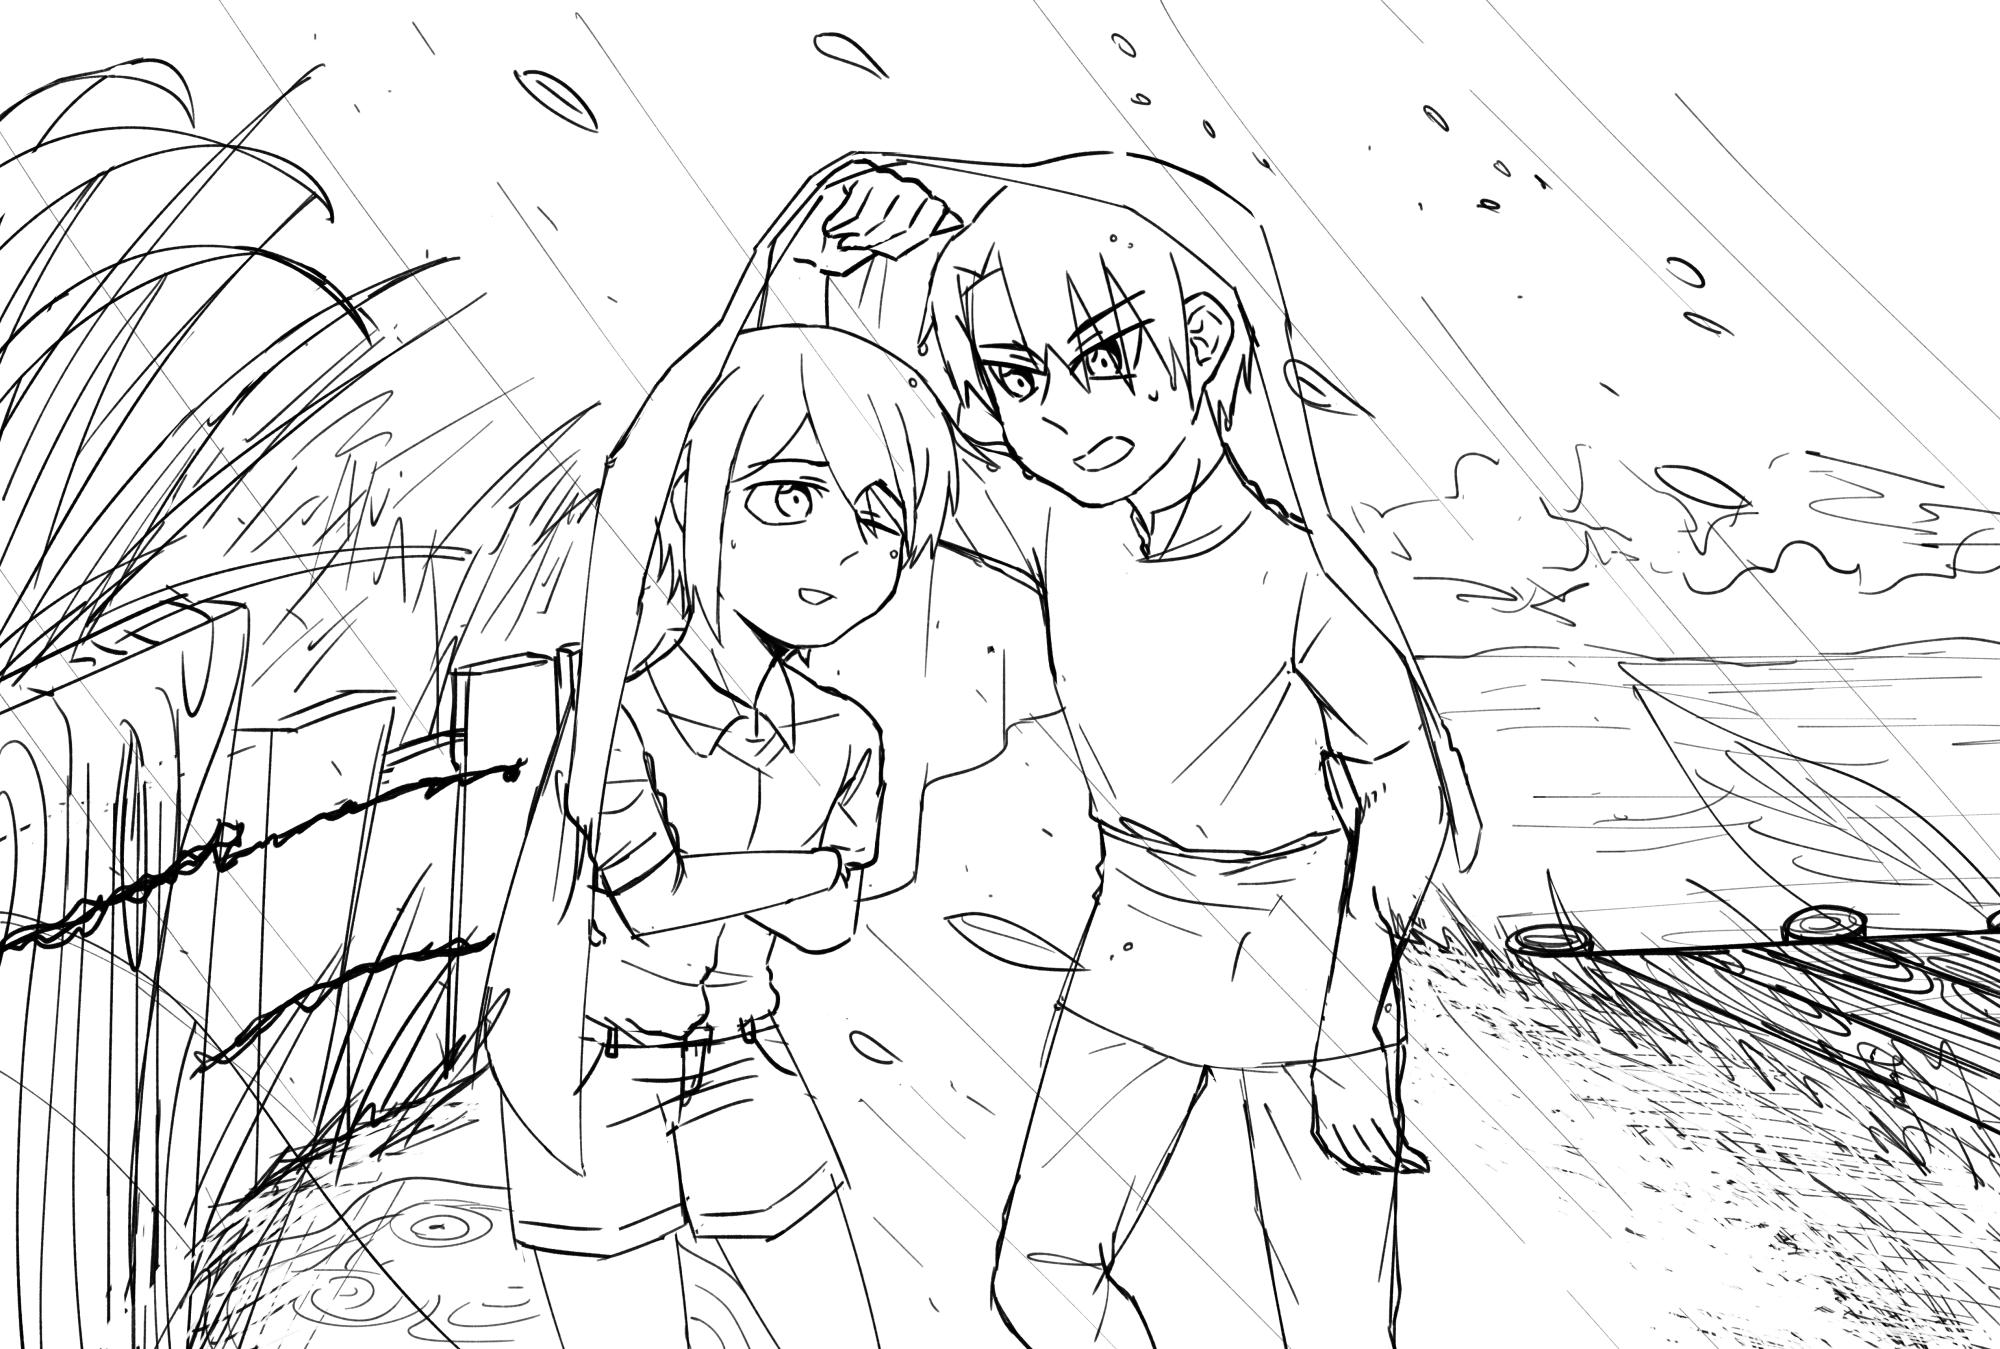 บทที่ 12 - [งานม.] Sketch Protection